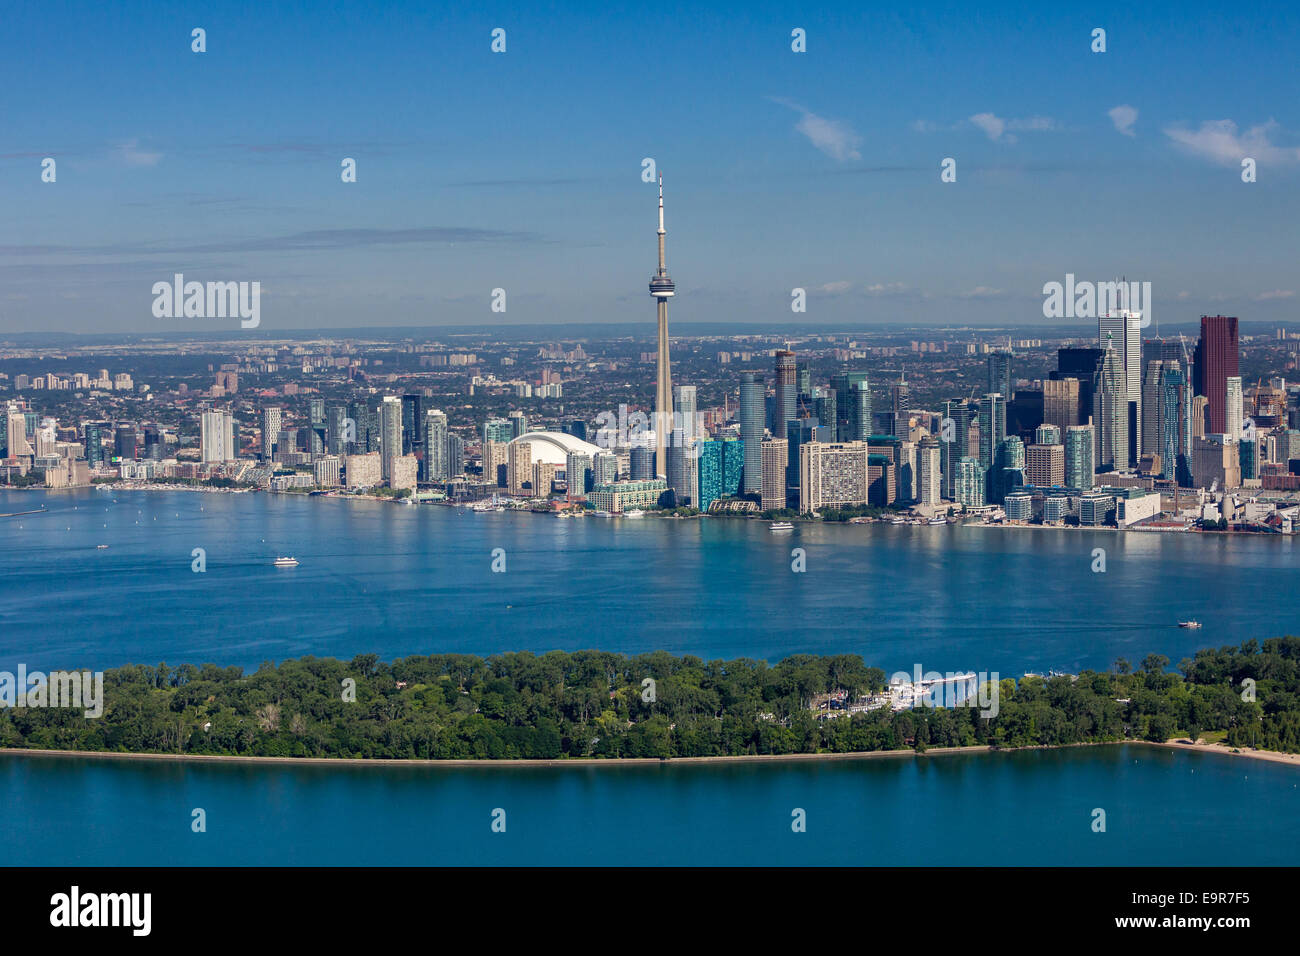 Vue aérienne de la ville de Toronto avec des îles au premier plan. Photo Stock